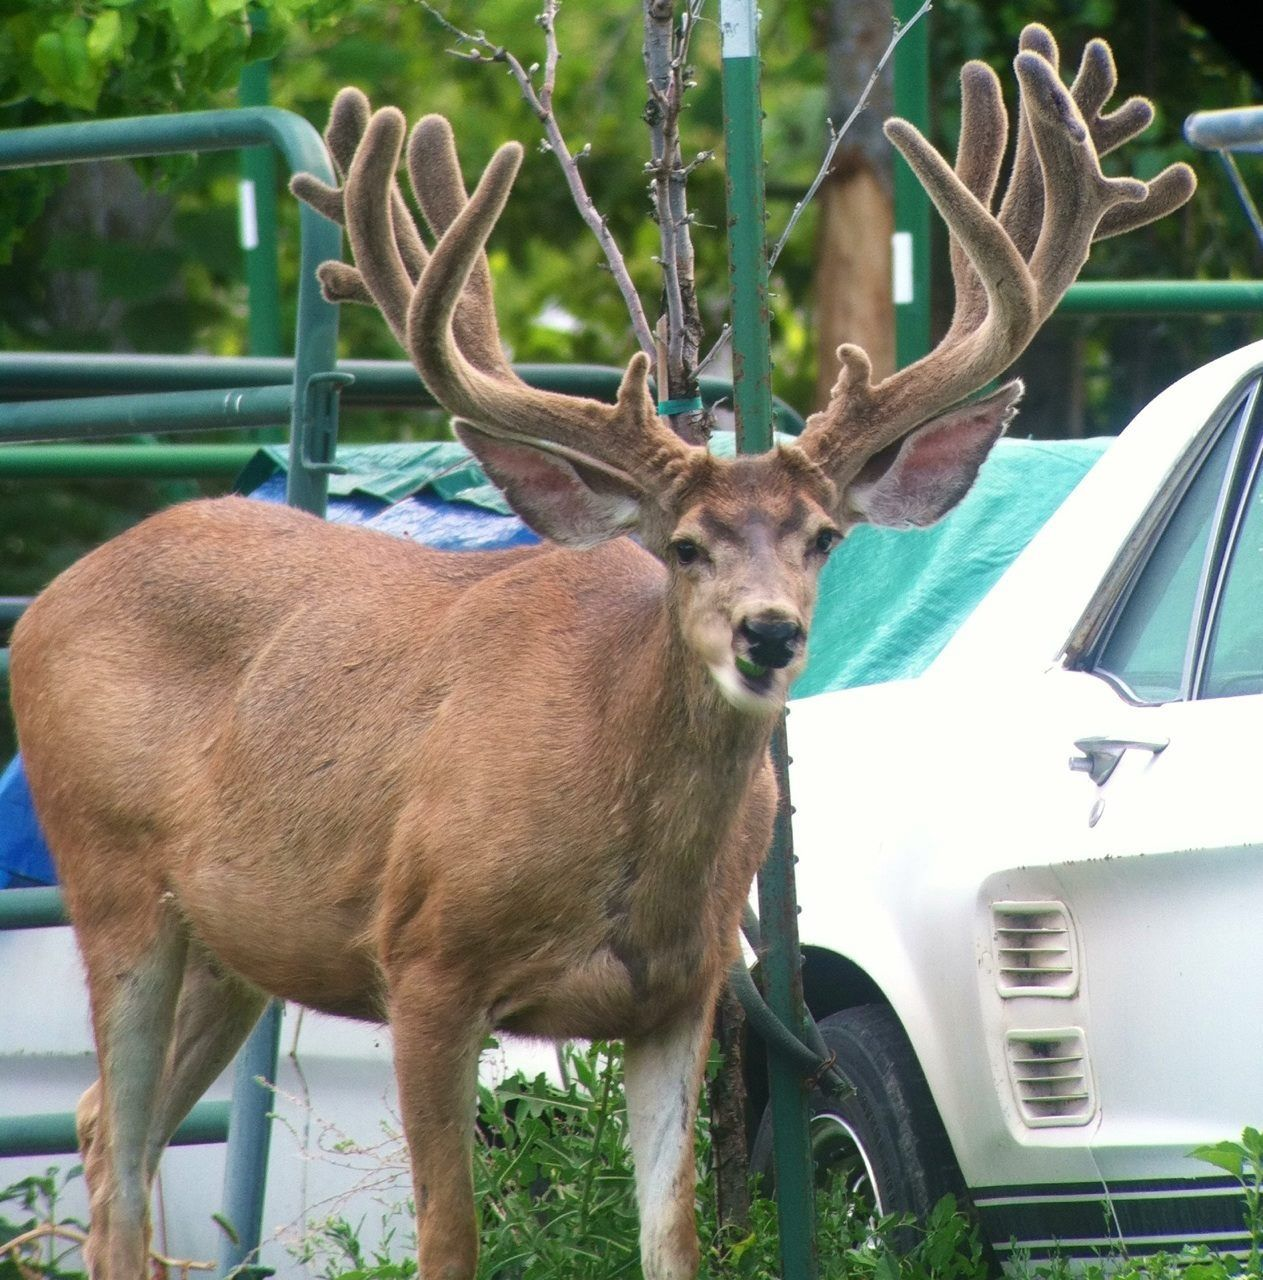 Mule deer. Favorite animal next my favorite car. Mule